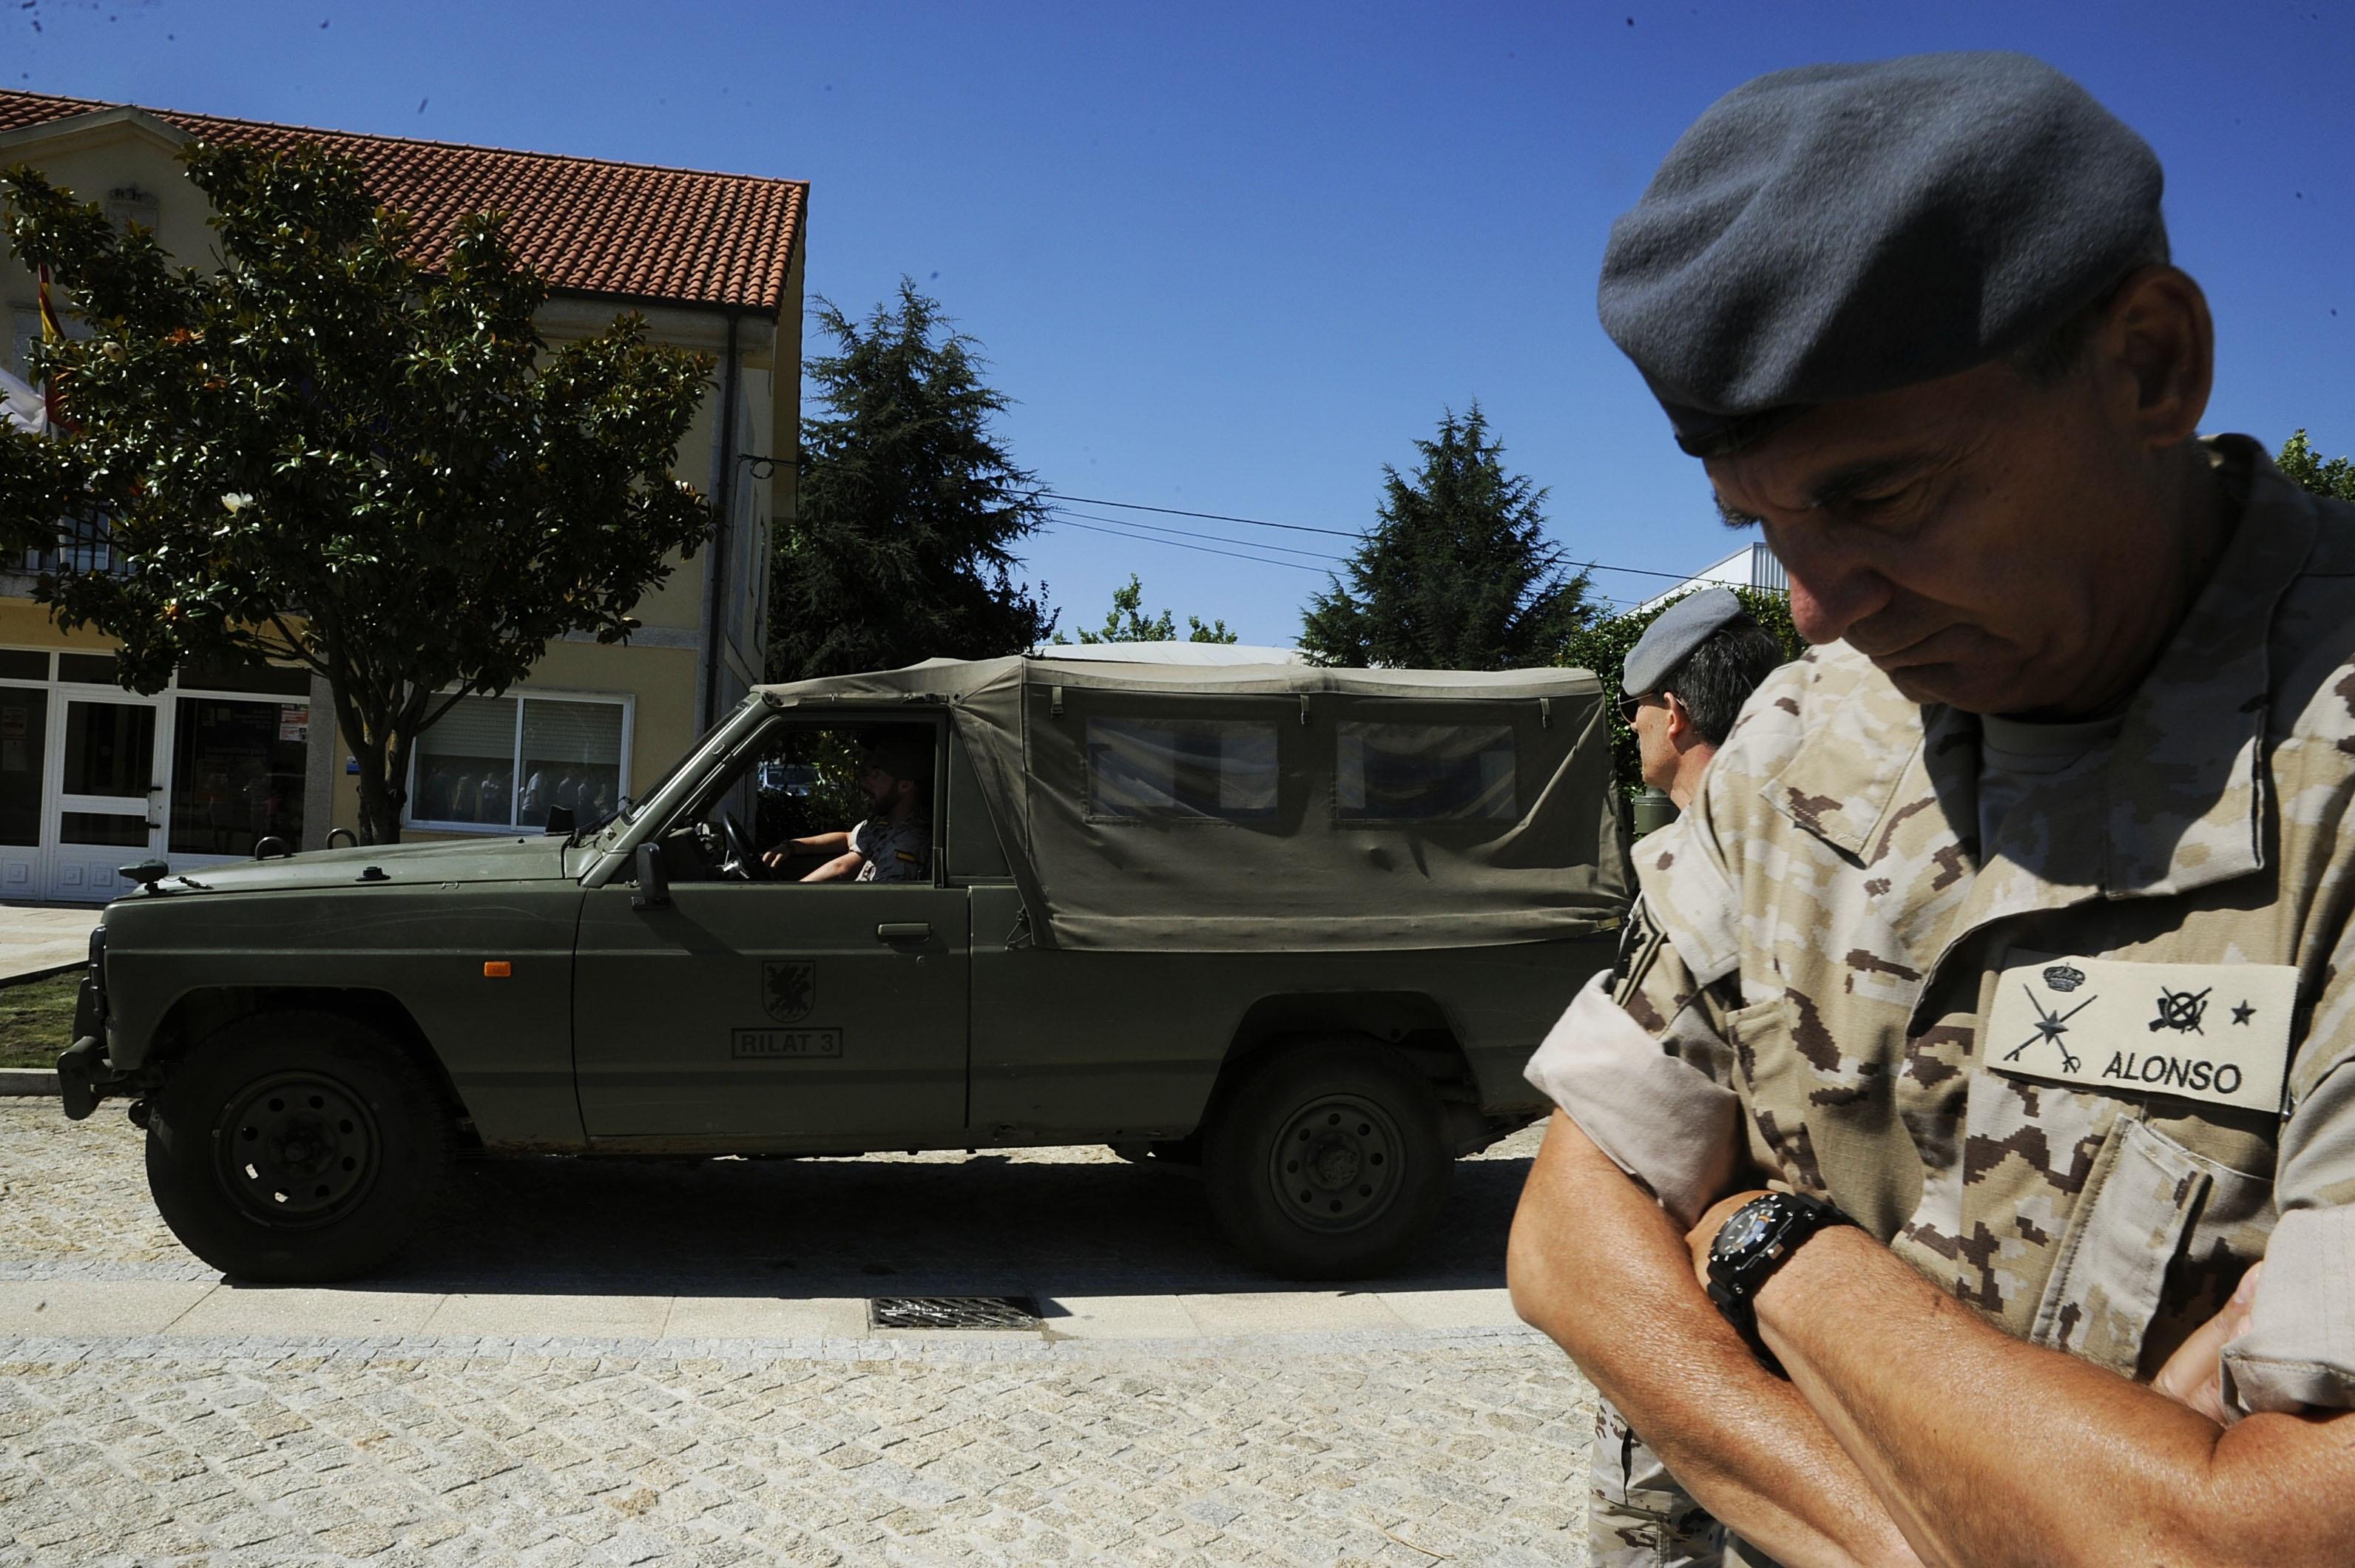 (AM) Xunta atribuye a los incendiarios acciones «con carácter homicida» por poner en riesgo viviendas y personas